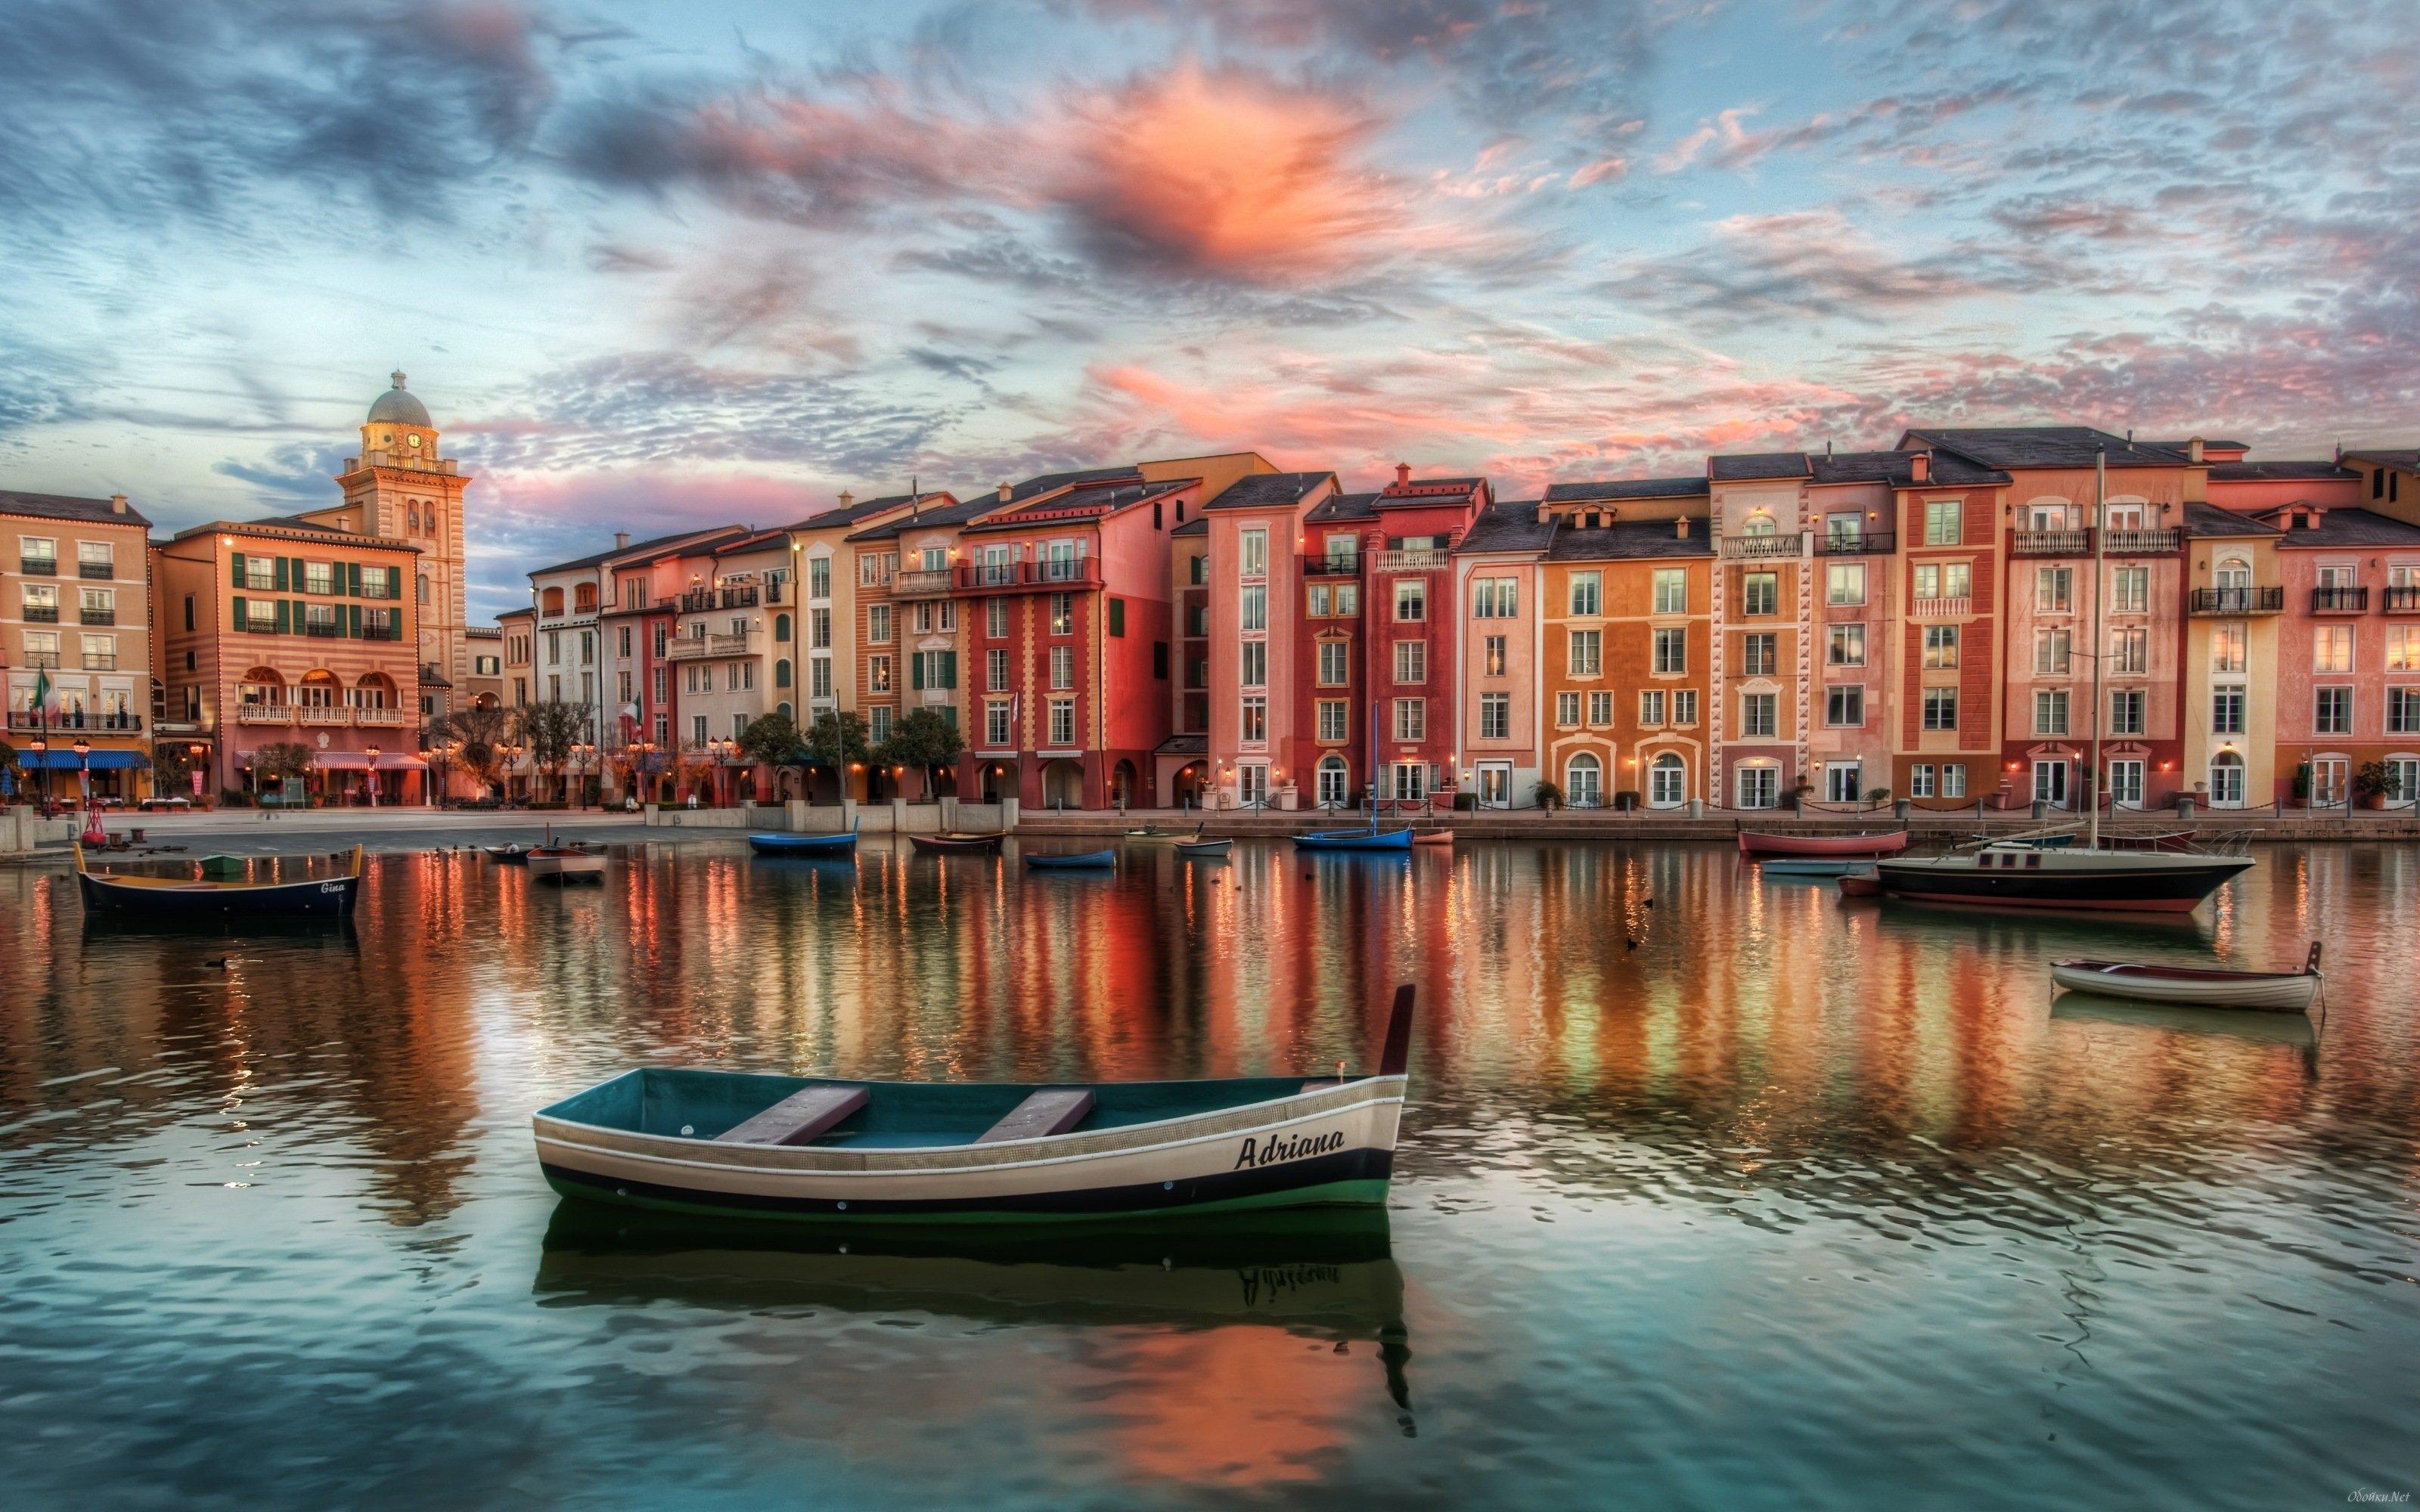 Street in Venice wallpaper HD Desktop Wallpaper 3200x2000